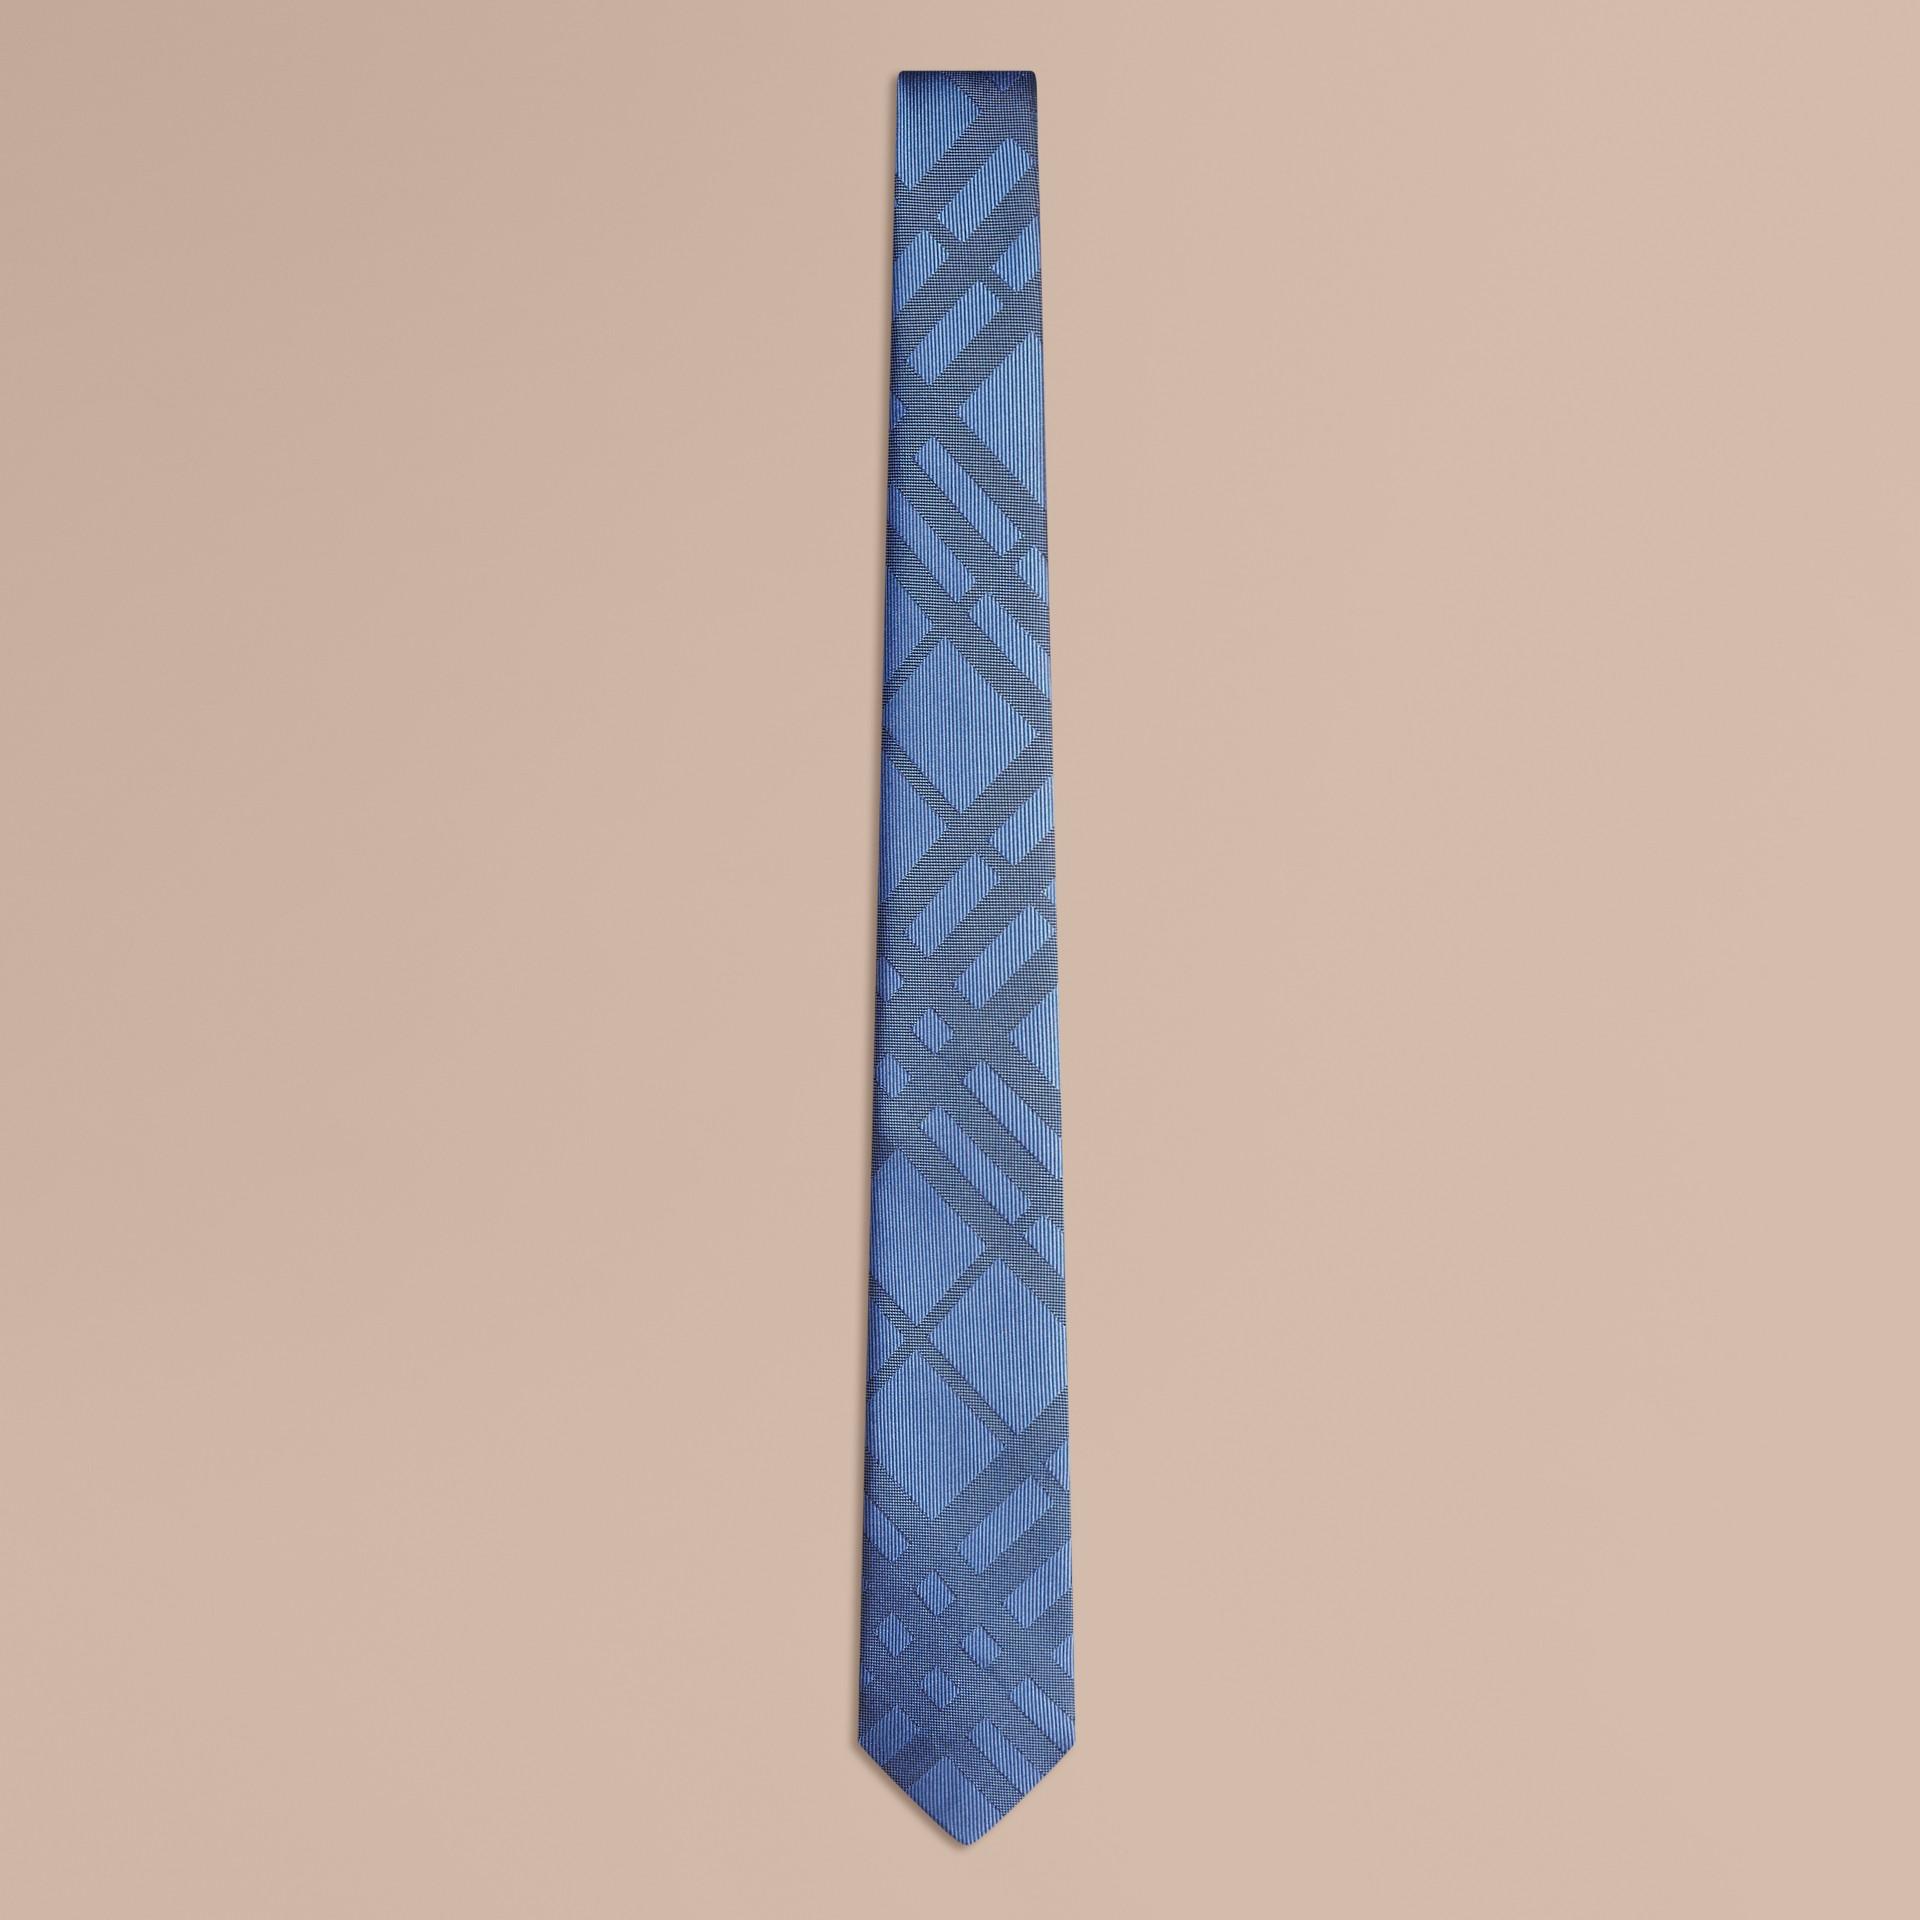 Bleu hortensia Cravate fine en soie et jacquard à motif check - photo de la galerie 1